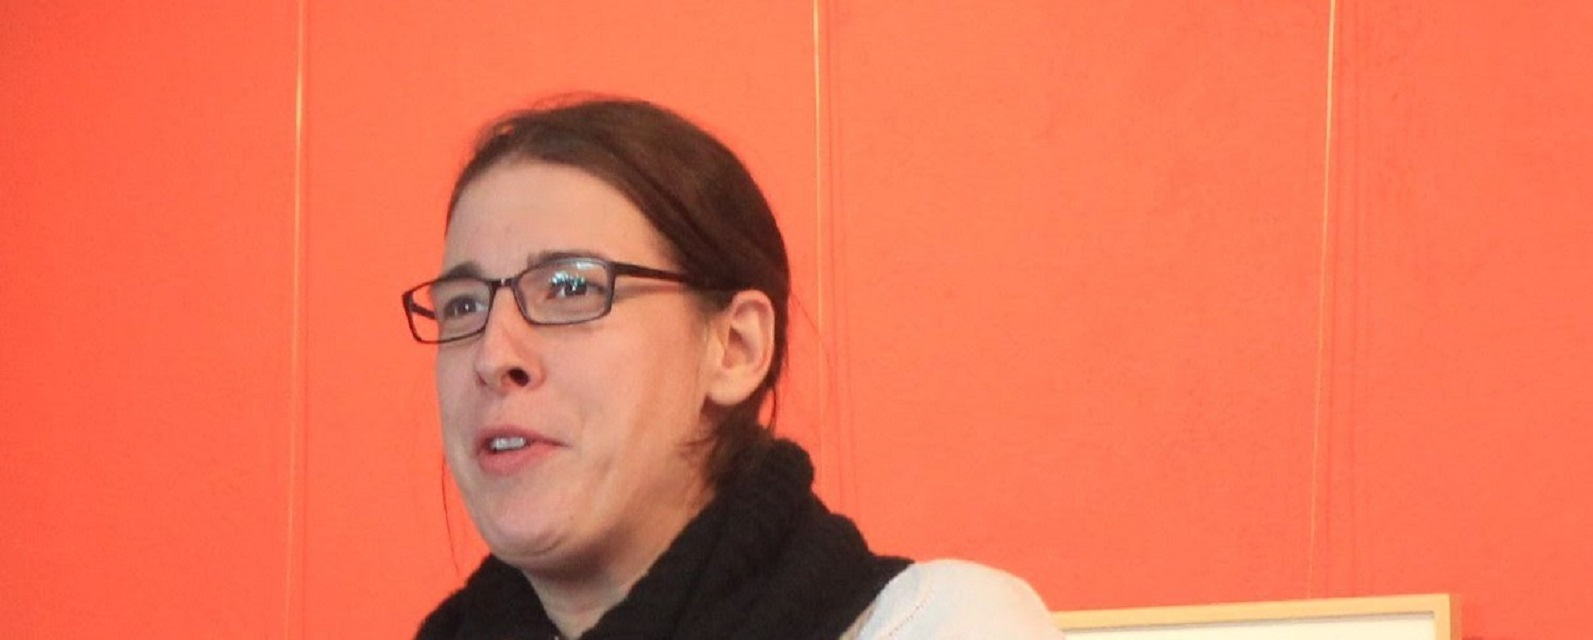 Marie-Elise LECOQ, coordonnatrice administrative de la communauté ALA à laquelle le Bénin fait partie.